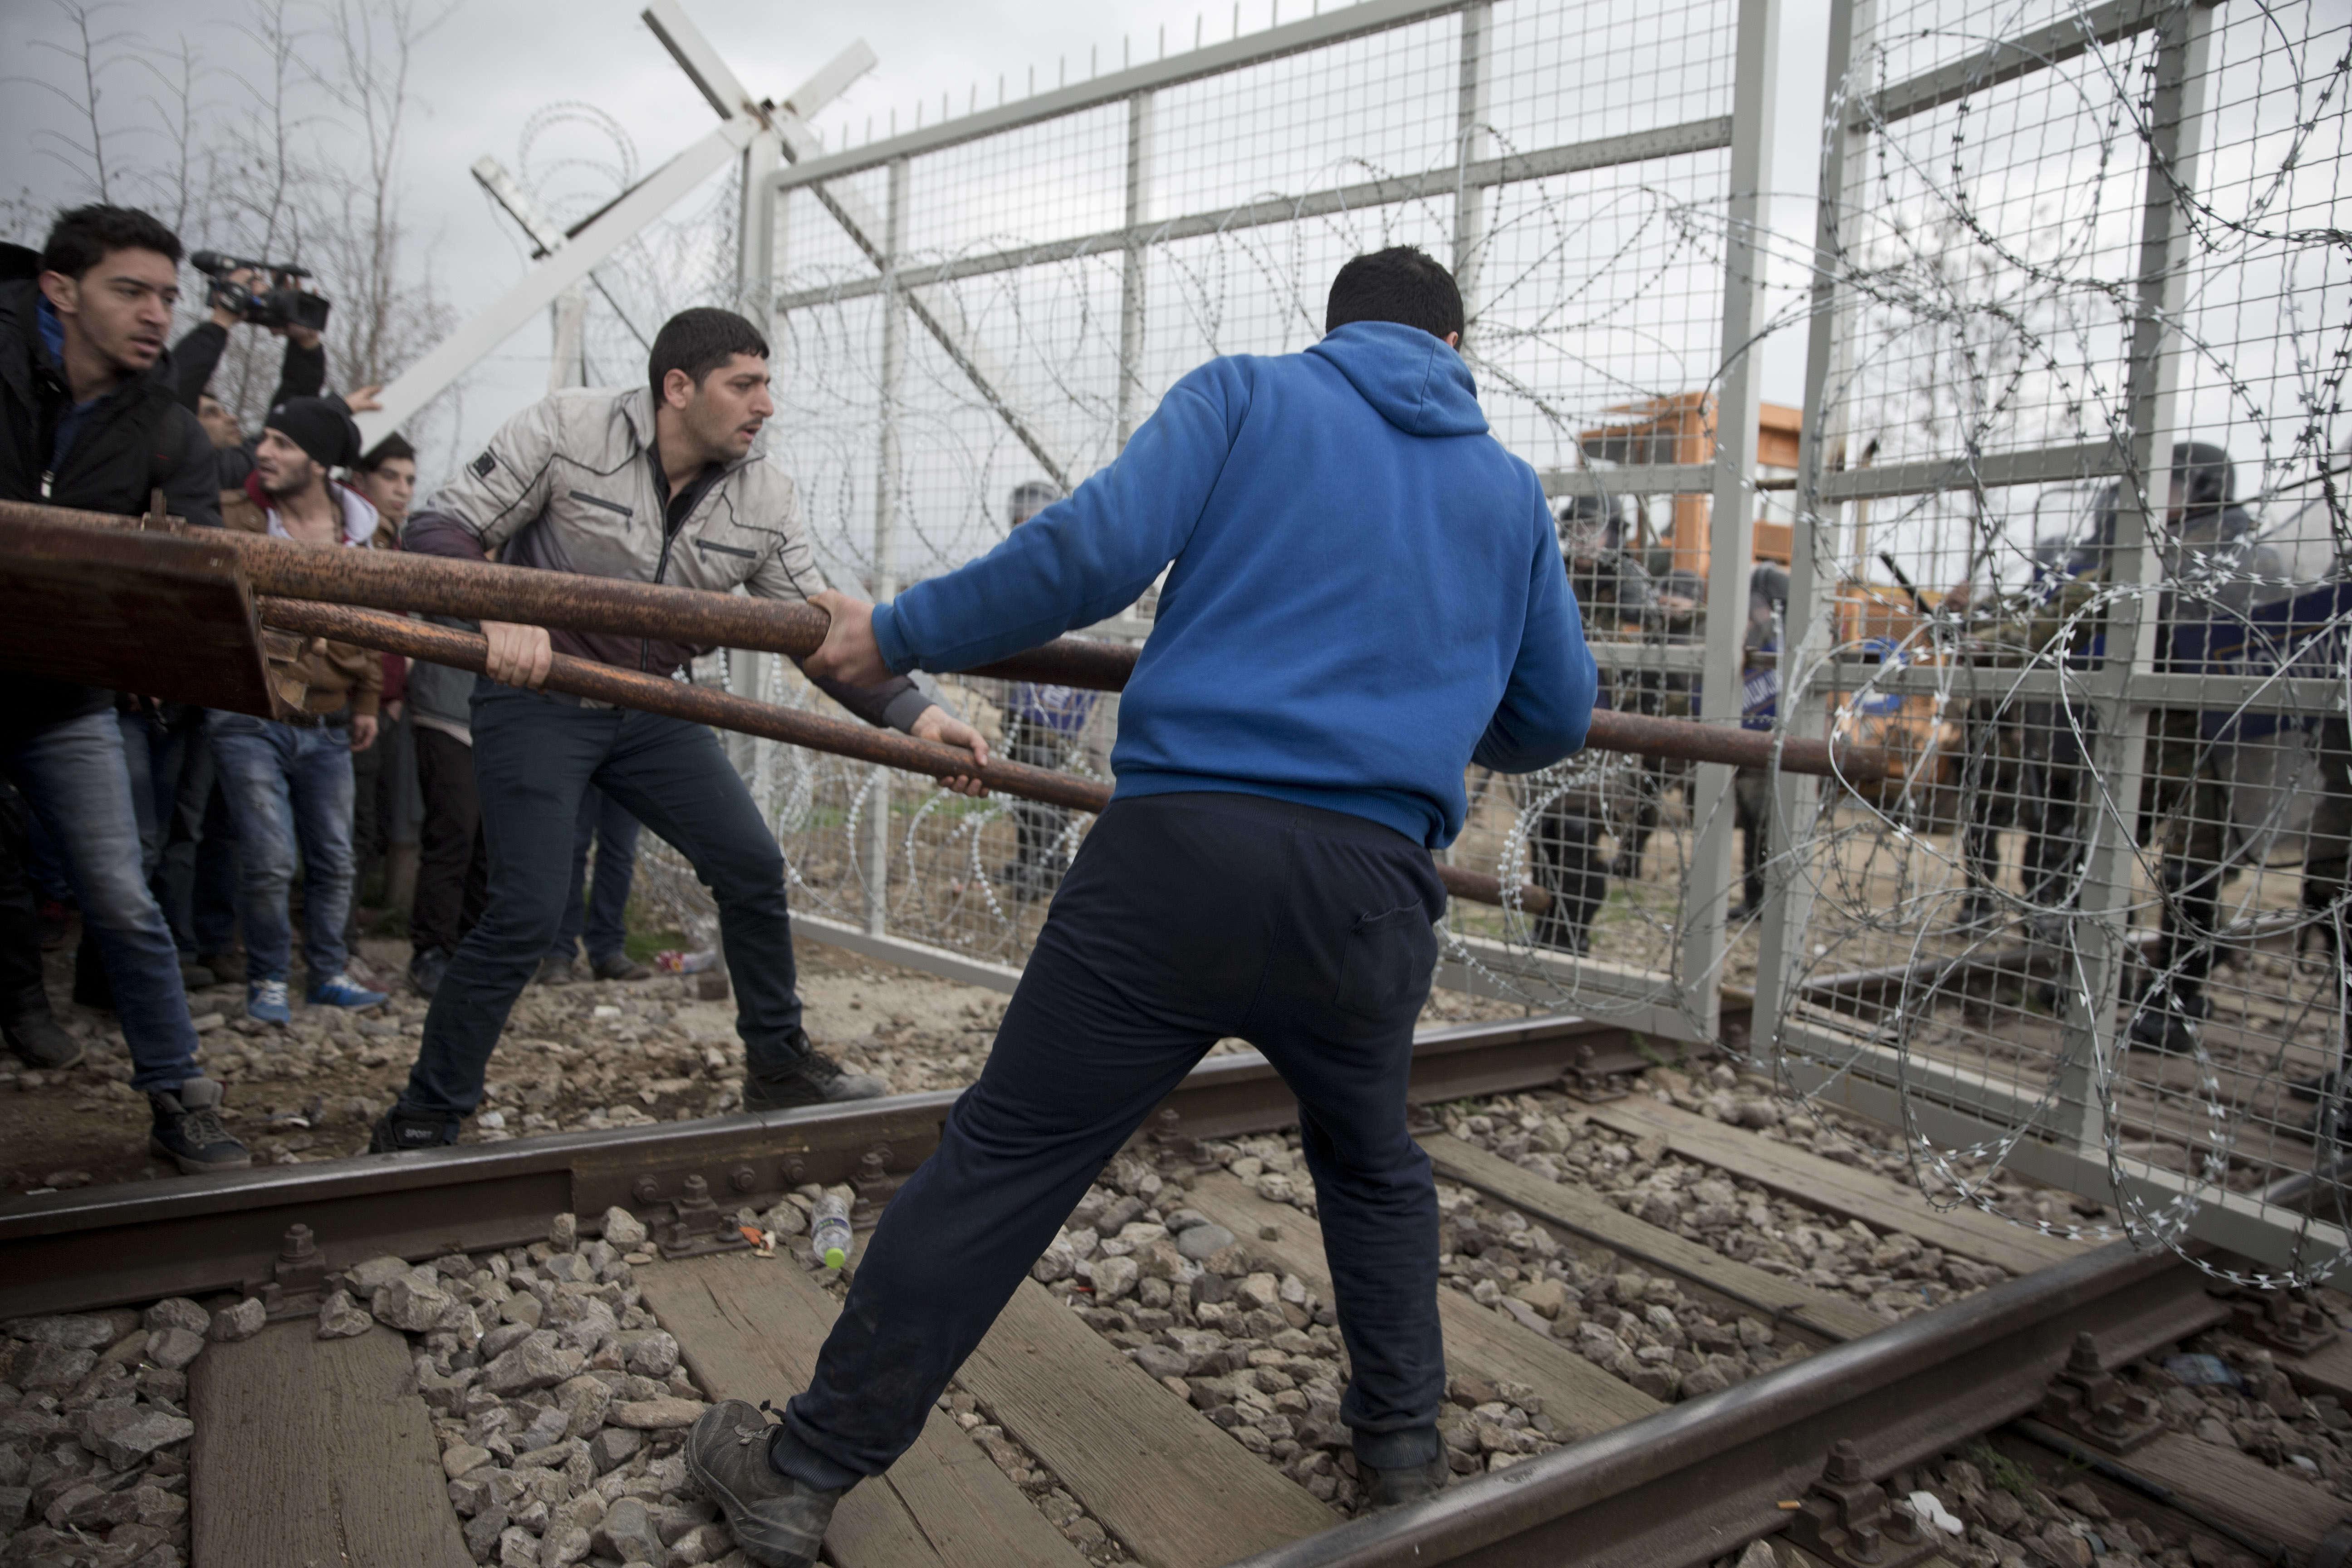 Lundi 29 février, un  groupe de 300 personnes, dont des femmes et des enfants, ont forcé un cordon de police grec et enfoncé une partie de la barrière de barbelés marquant la frontière avec la Macédoine.